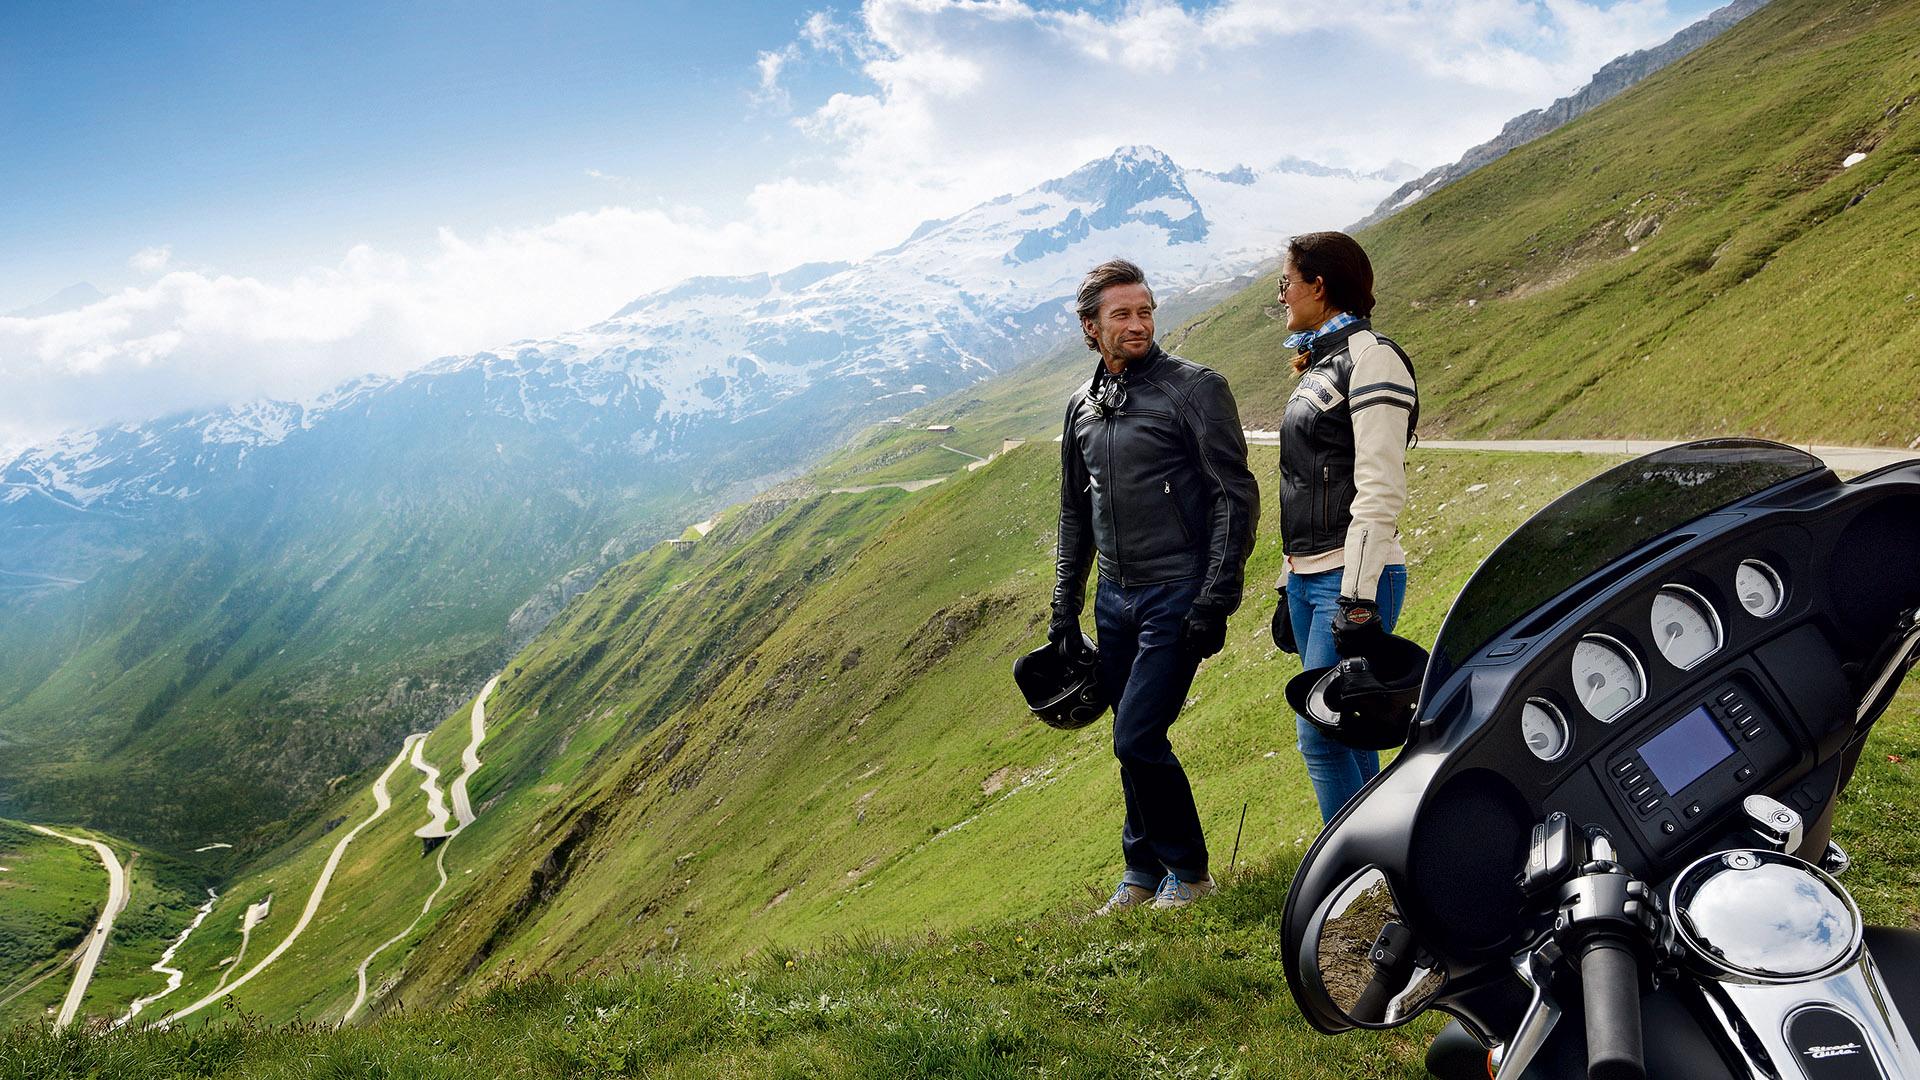 Tourabschnitt 4 - Schaffhausen-Davos